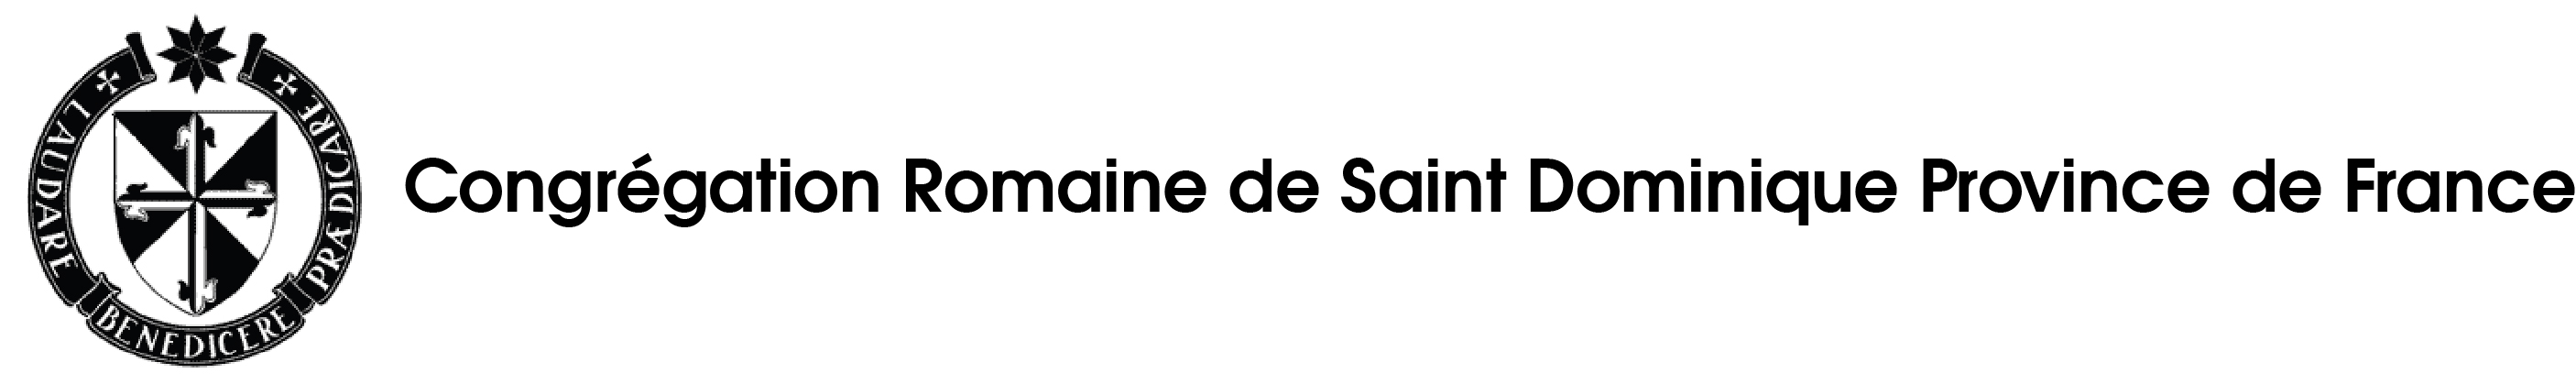 Dominicaines CRSD France